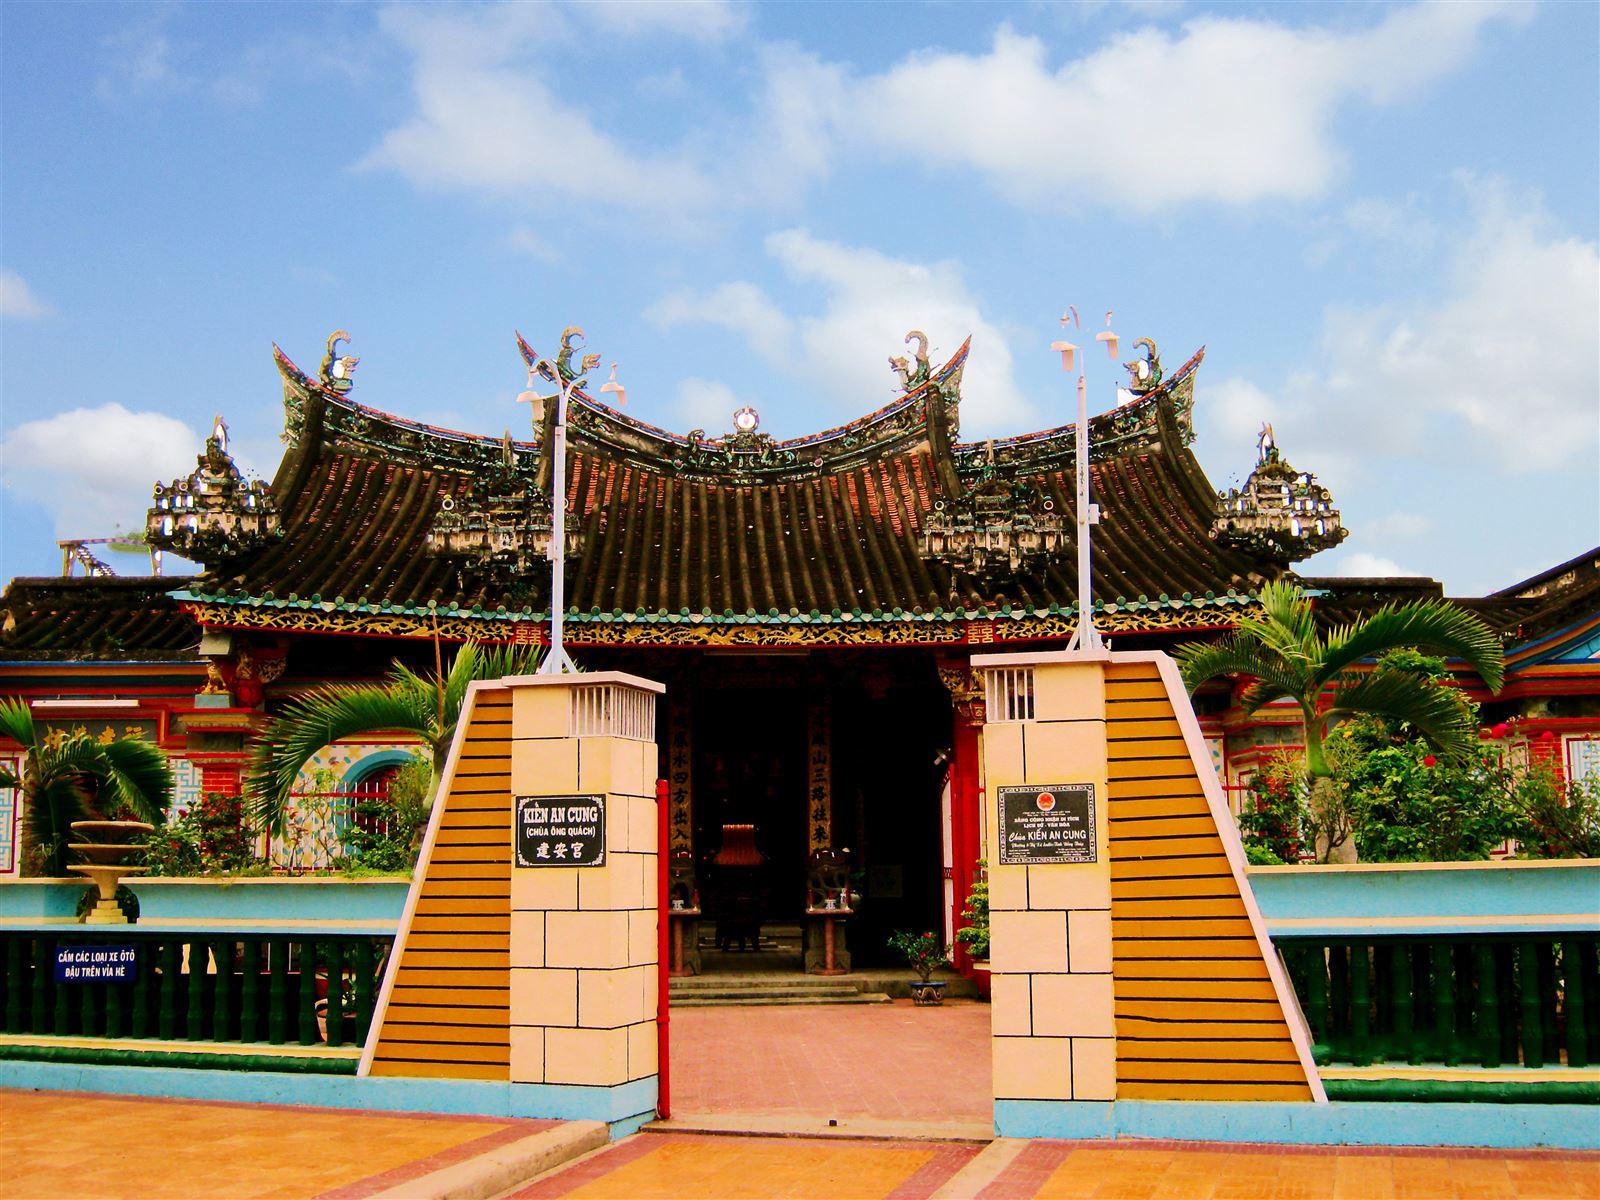 Du Lịch Sài Gòn – Cần Thơ –Sa Đéc 2 Ngày 1 Đêm